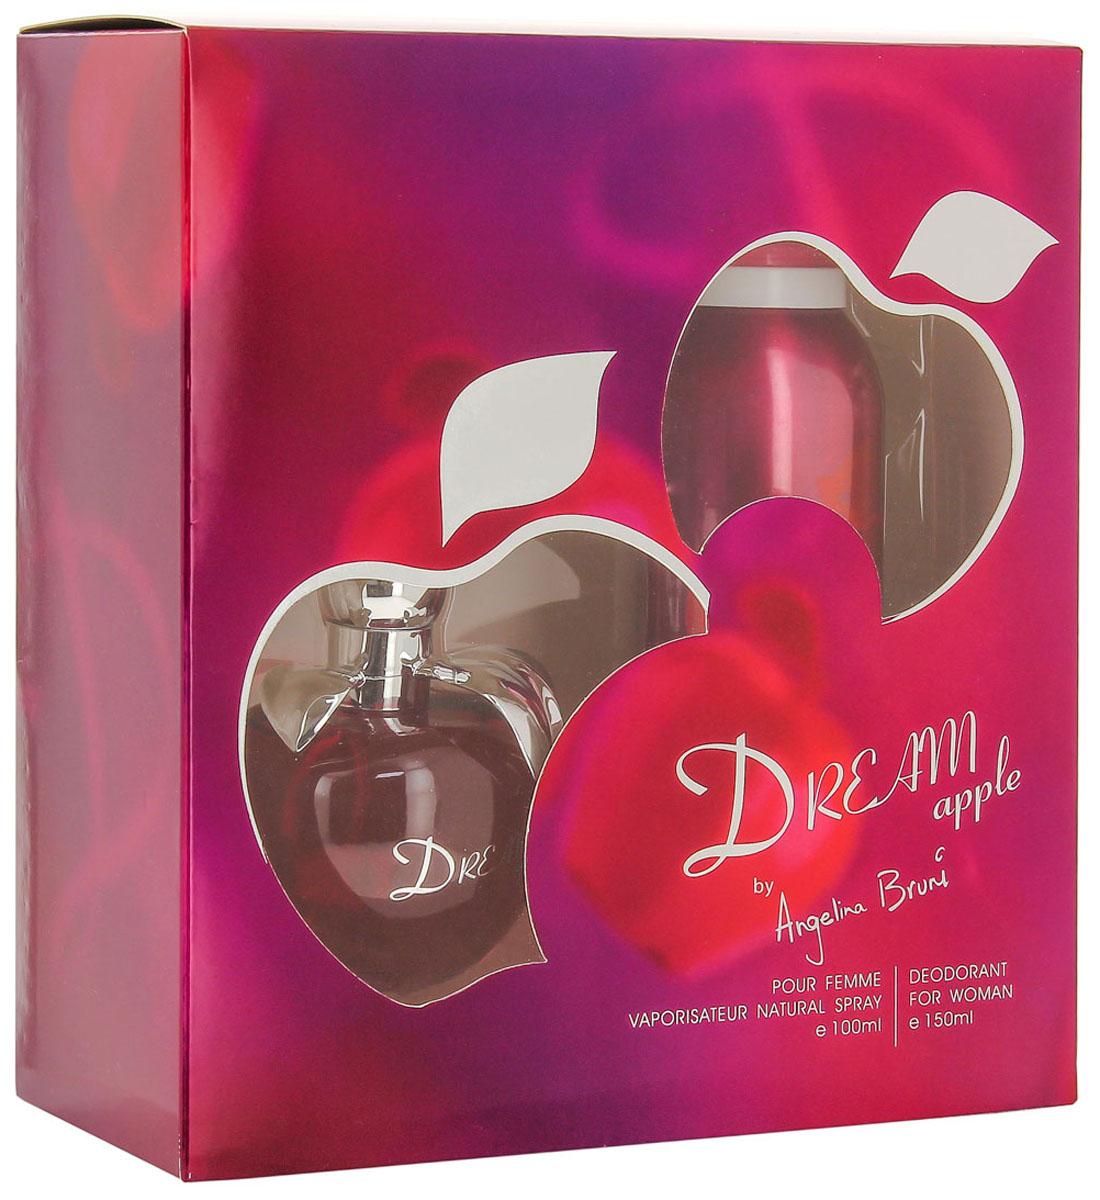 КПК-Парфюм Подарочный набор для женщин Dream Apple: Туалетная вода, 100 мл + Парфюмированный дезодорант, 150 млSC-FM20104DREAM APPLE это аромат для женщин. Верхние ноты: Амальфитанский лимон и лайм; ноты сердца: яблоко Гренни Смит, пион, пралине и дурман; ноты базы: яблоня, мускус и кедр из Вирджинии.